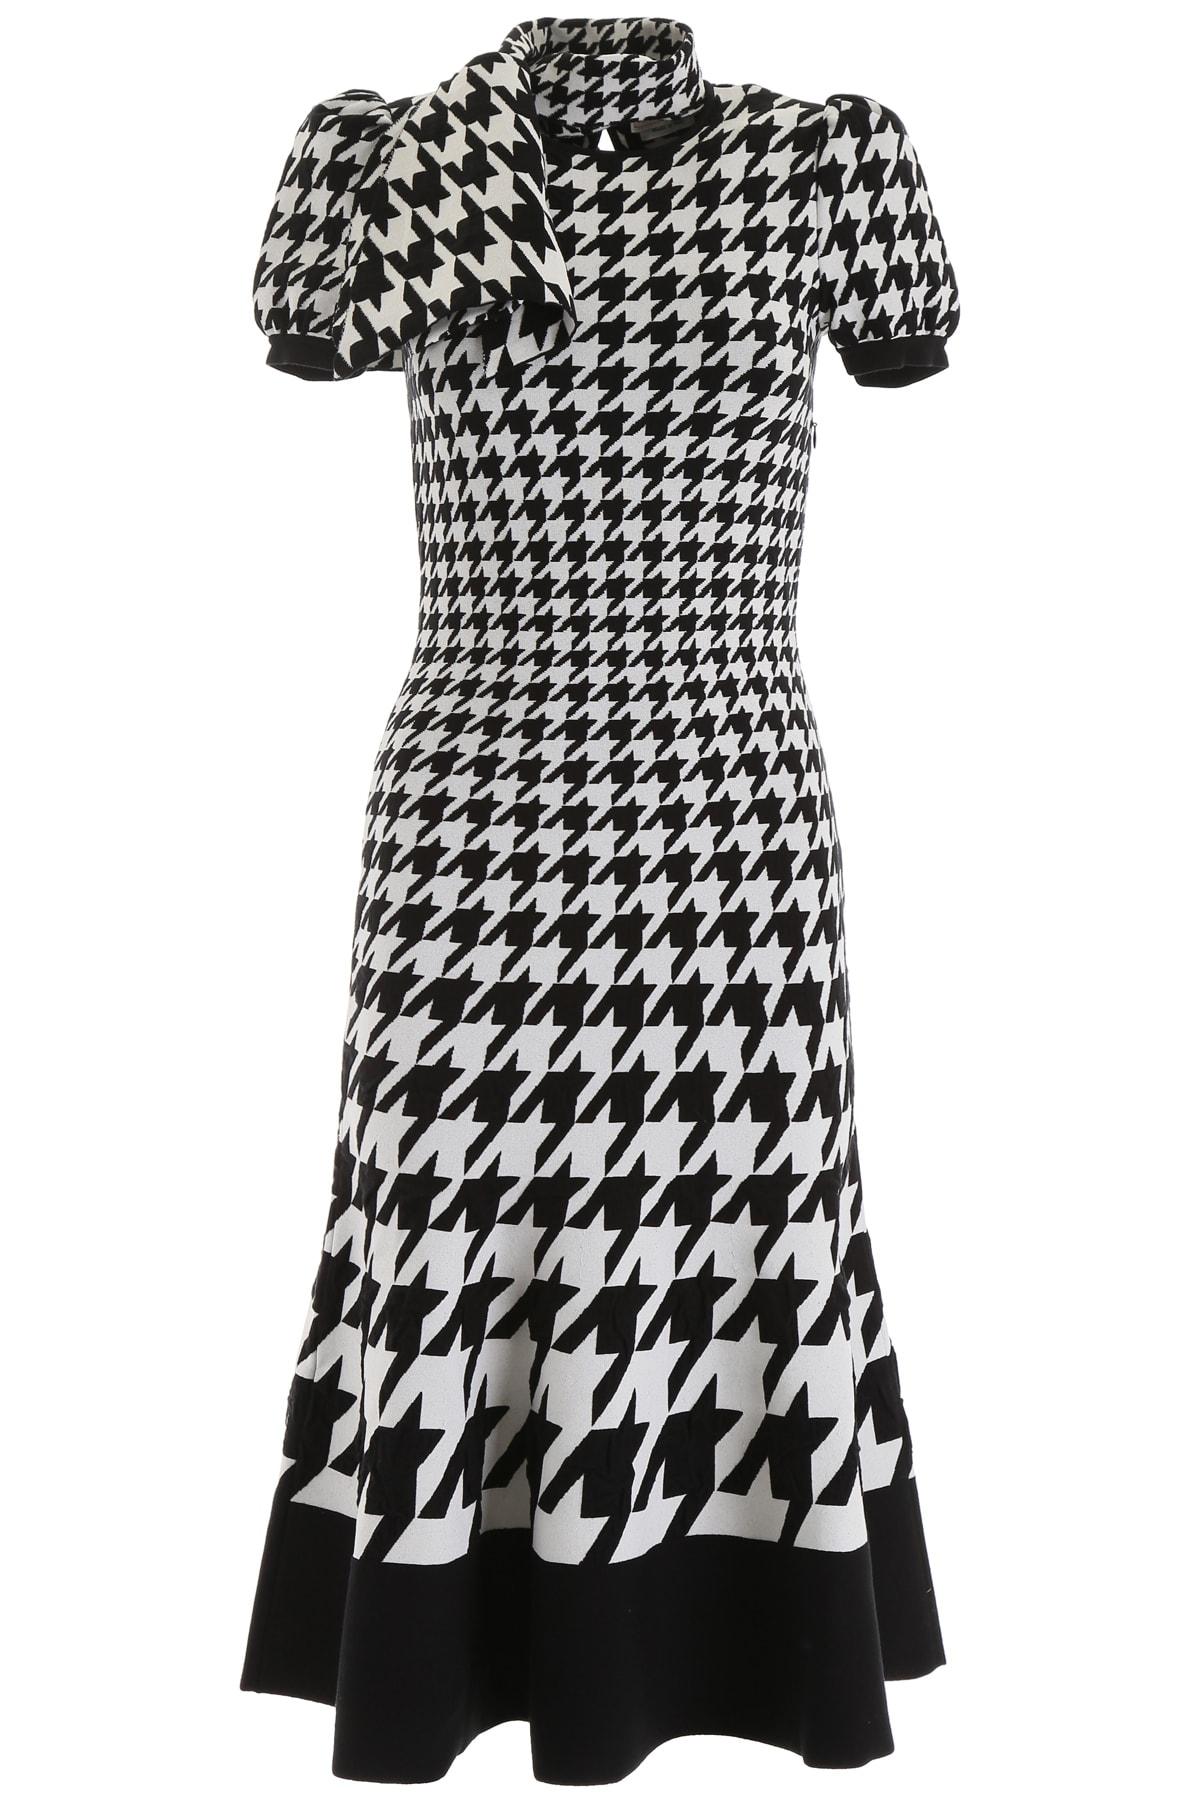 Alexander McQueen Houndstooth Knit Dress